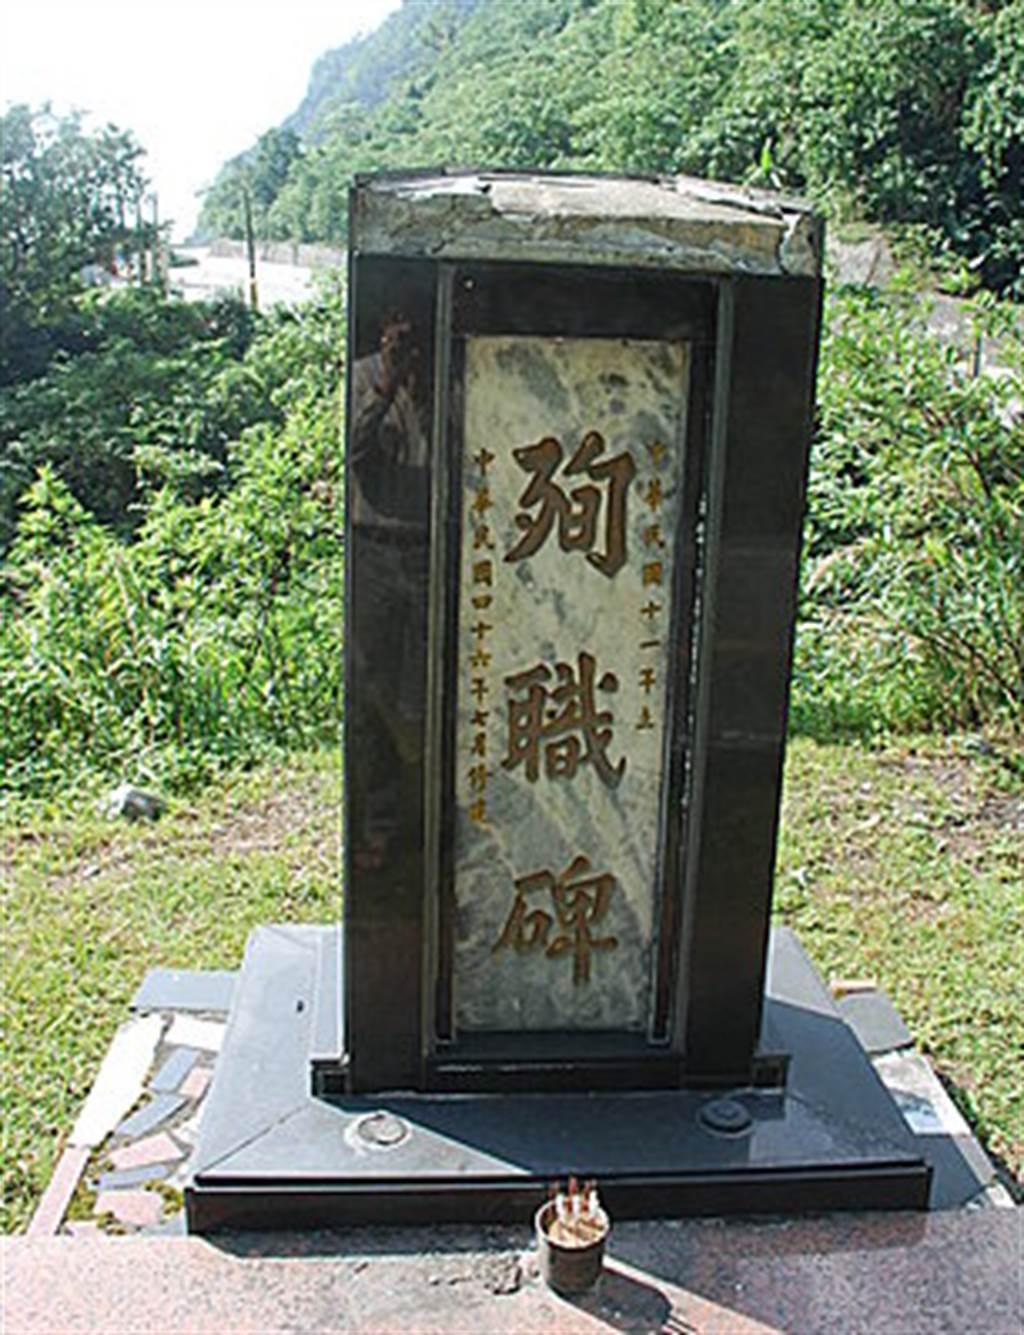 另1個日治時期的碑上僅寫著「殉職碑」3字,未寫明殉職原因、身分、過程等,僅知是51名開路工人因公殉職,碑在1922年立成。(圖/翻攝自「國家圖書館臺灣記憶」文獻)